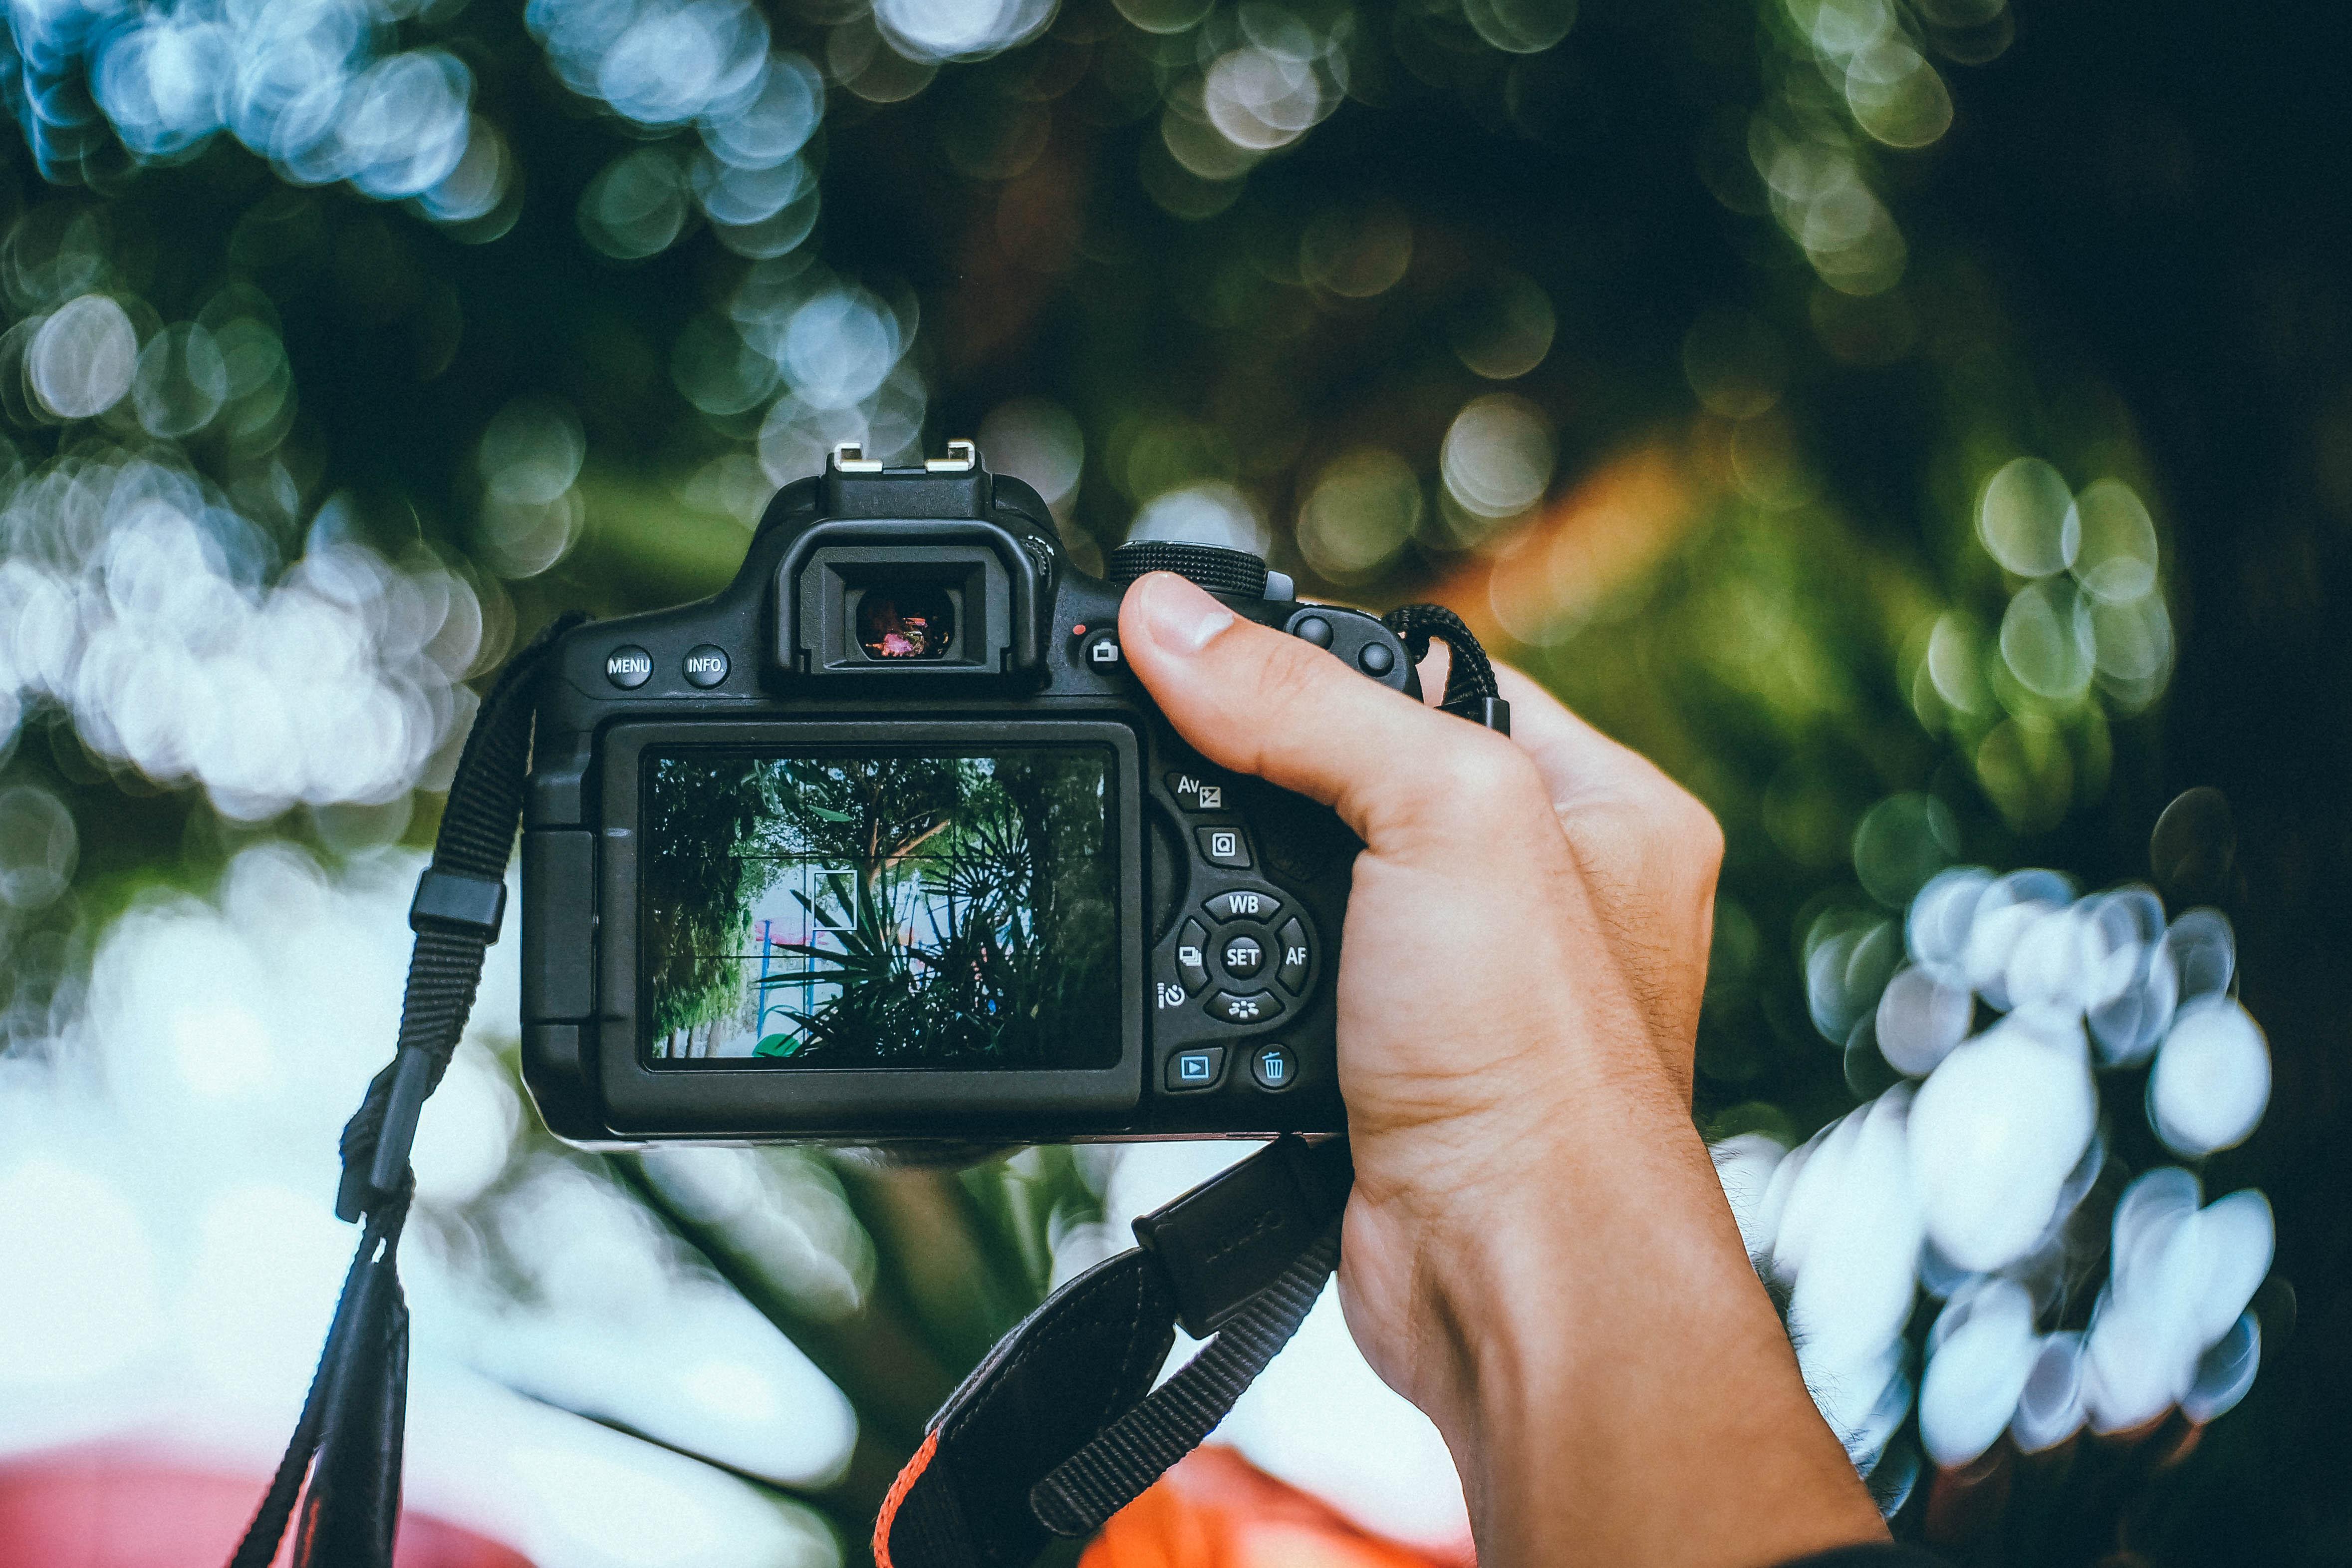 эксперта-аналитика фсб как фотографировать на цифровую камеру без бликов мелко нарезанный зеленый